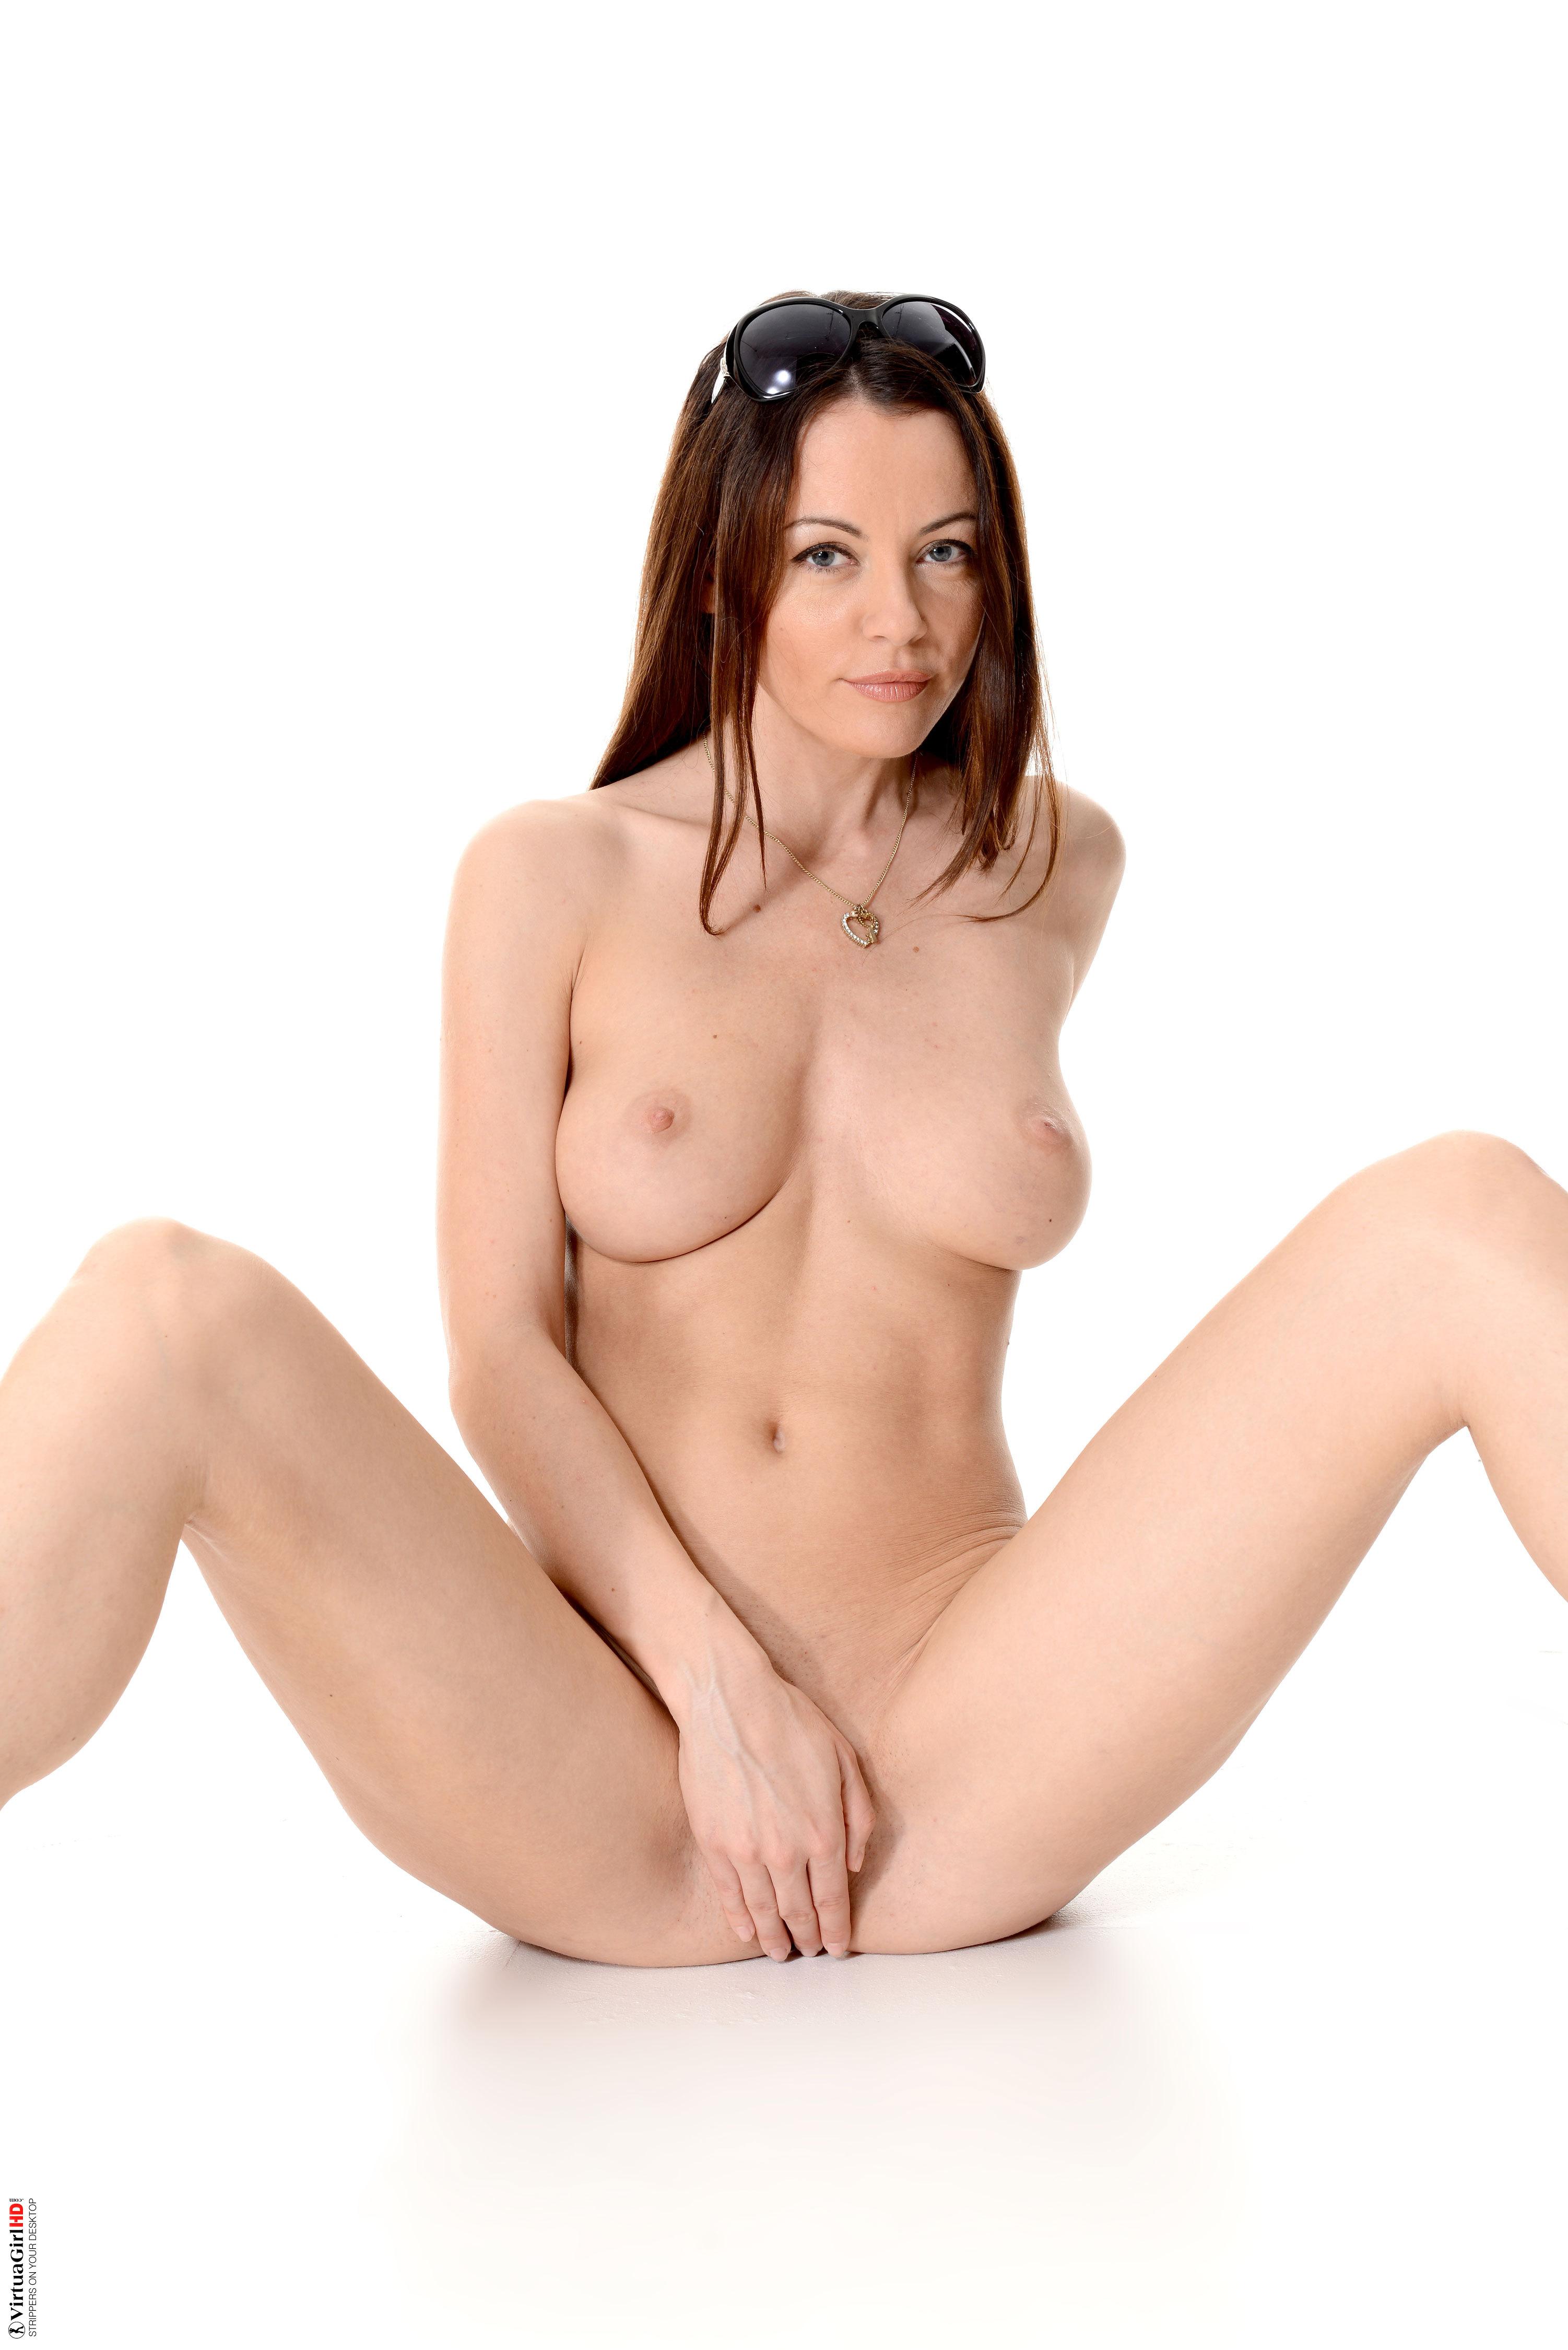 sexy girl boobs wallpaper